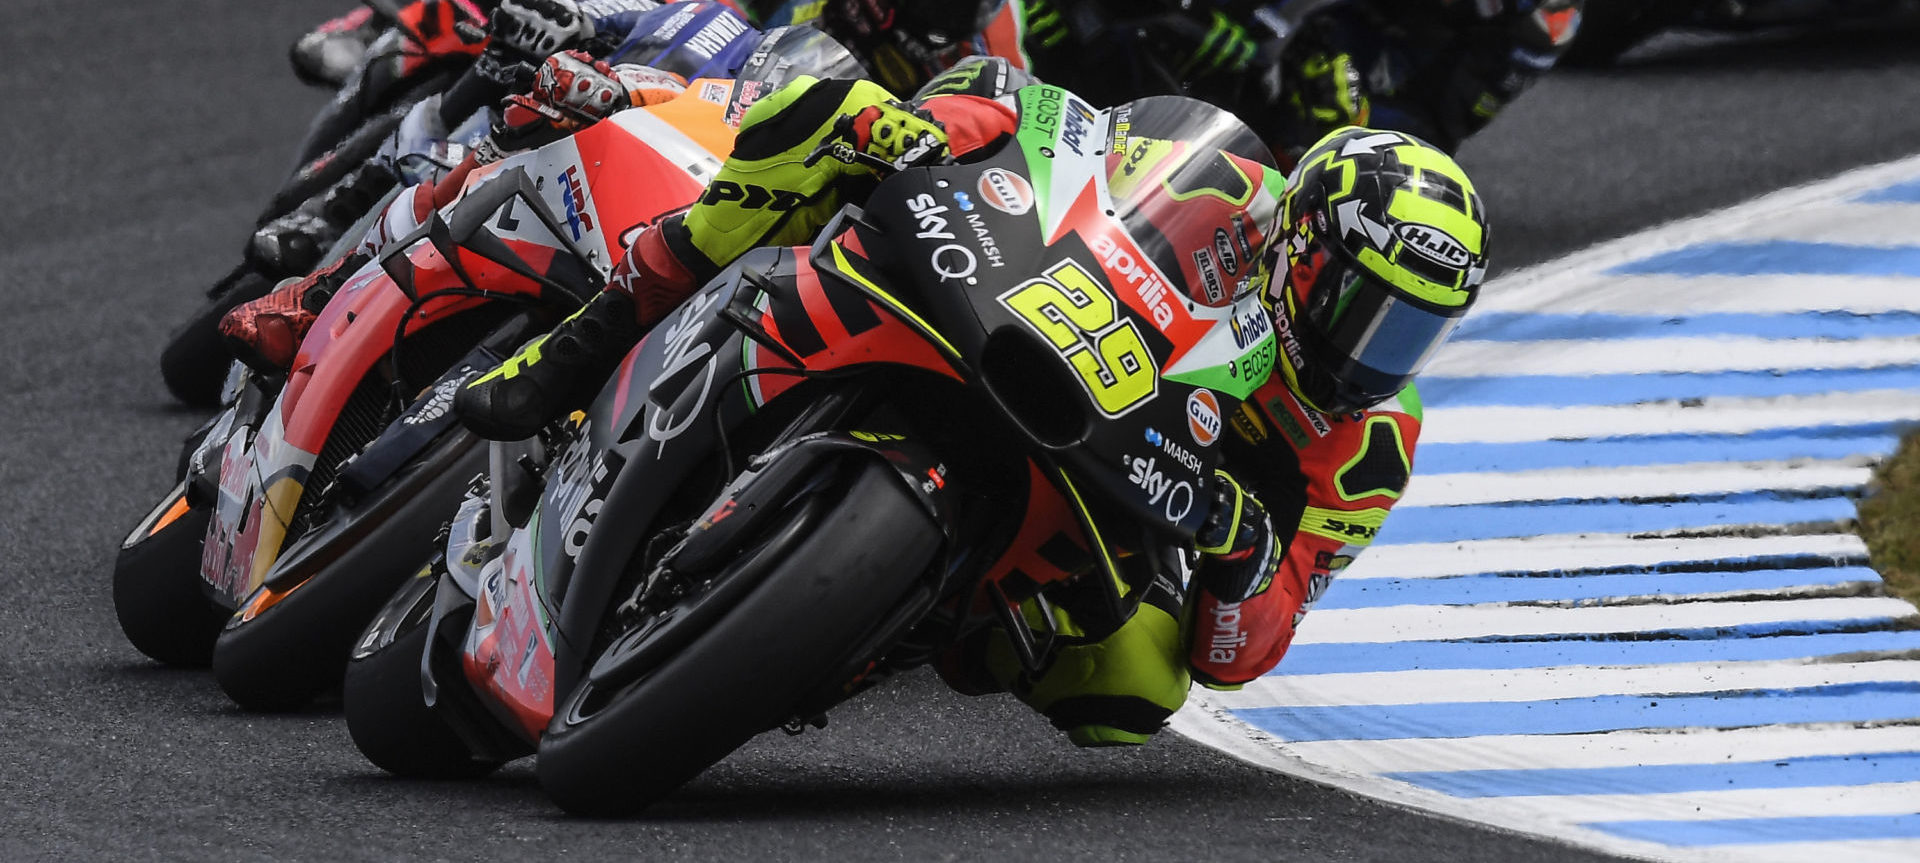 Andrea Iannone (29) leading the MotoGP race at Phillip Island. Photo courtesy of Aprilia Gresini Racing.